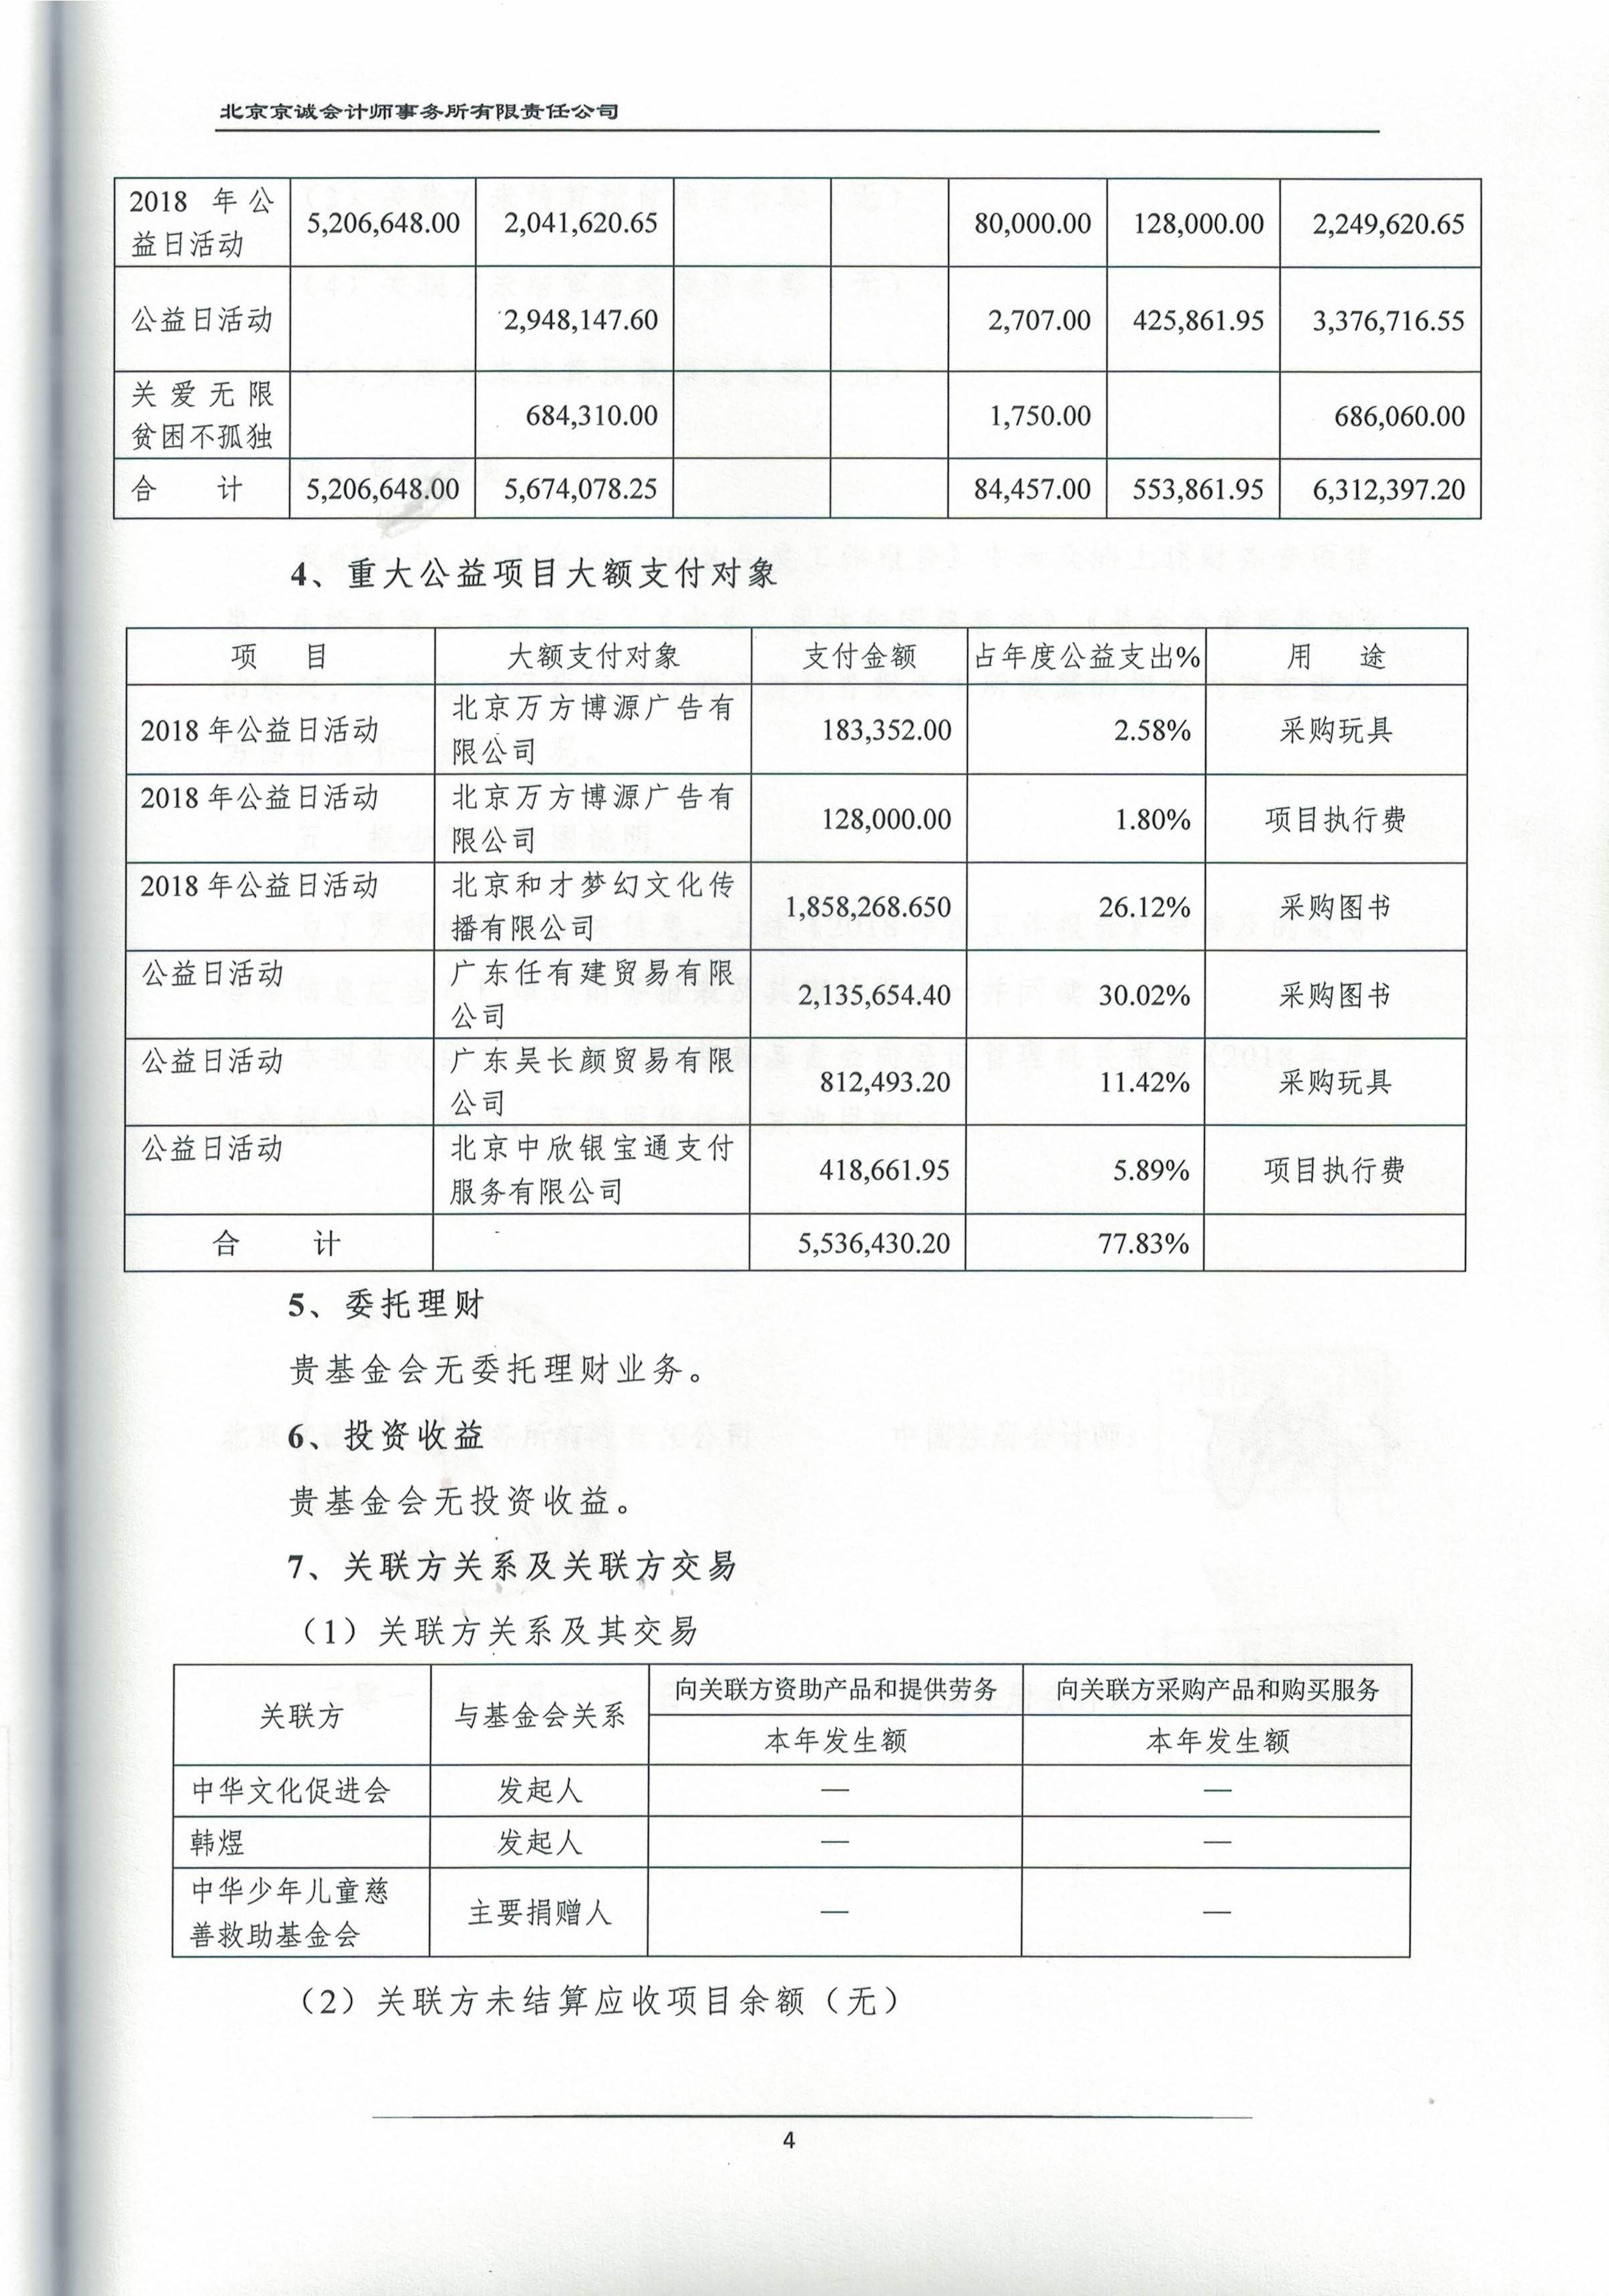 2018审计报告_页面_24